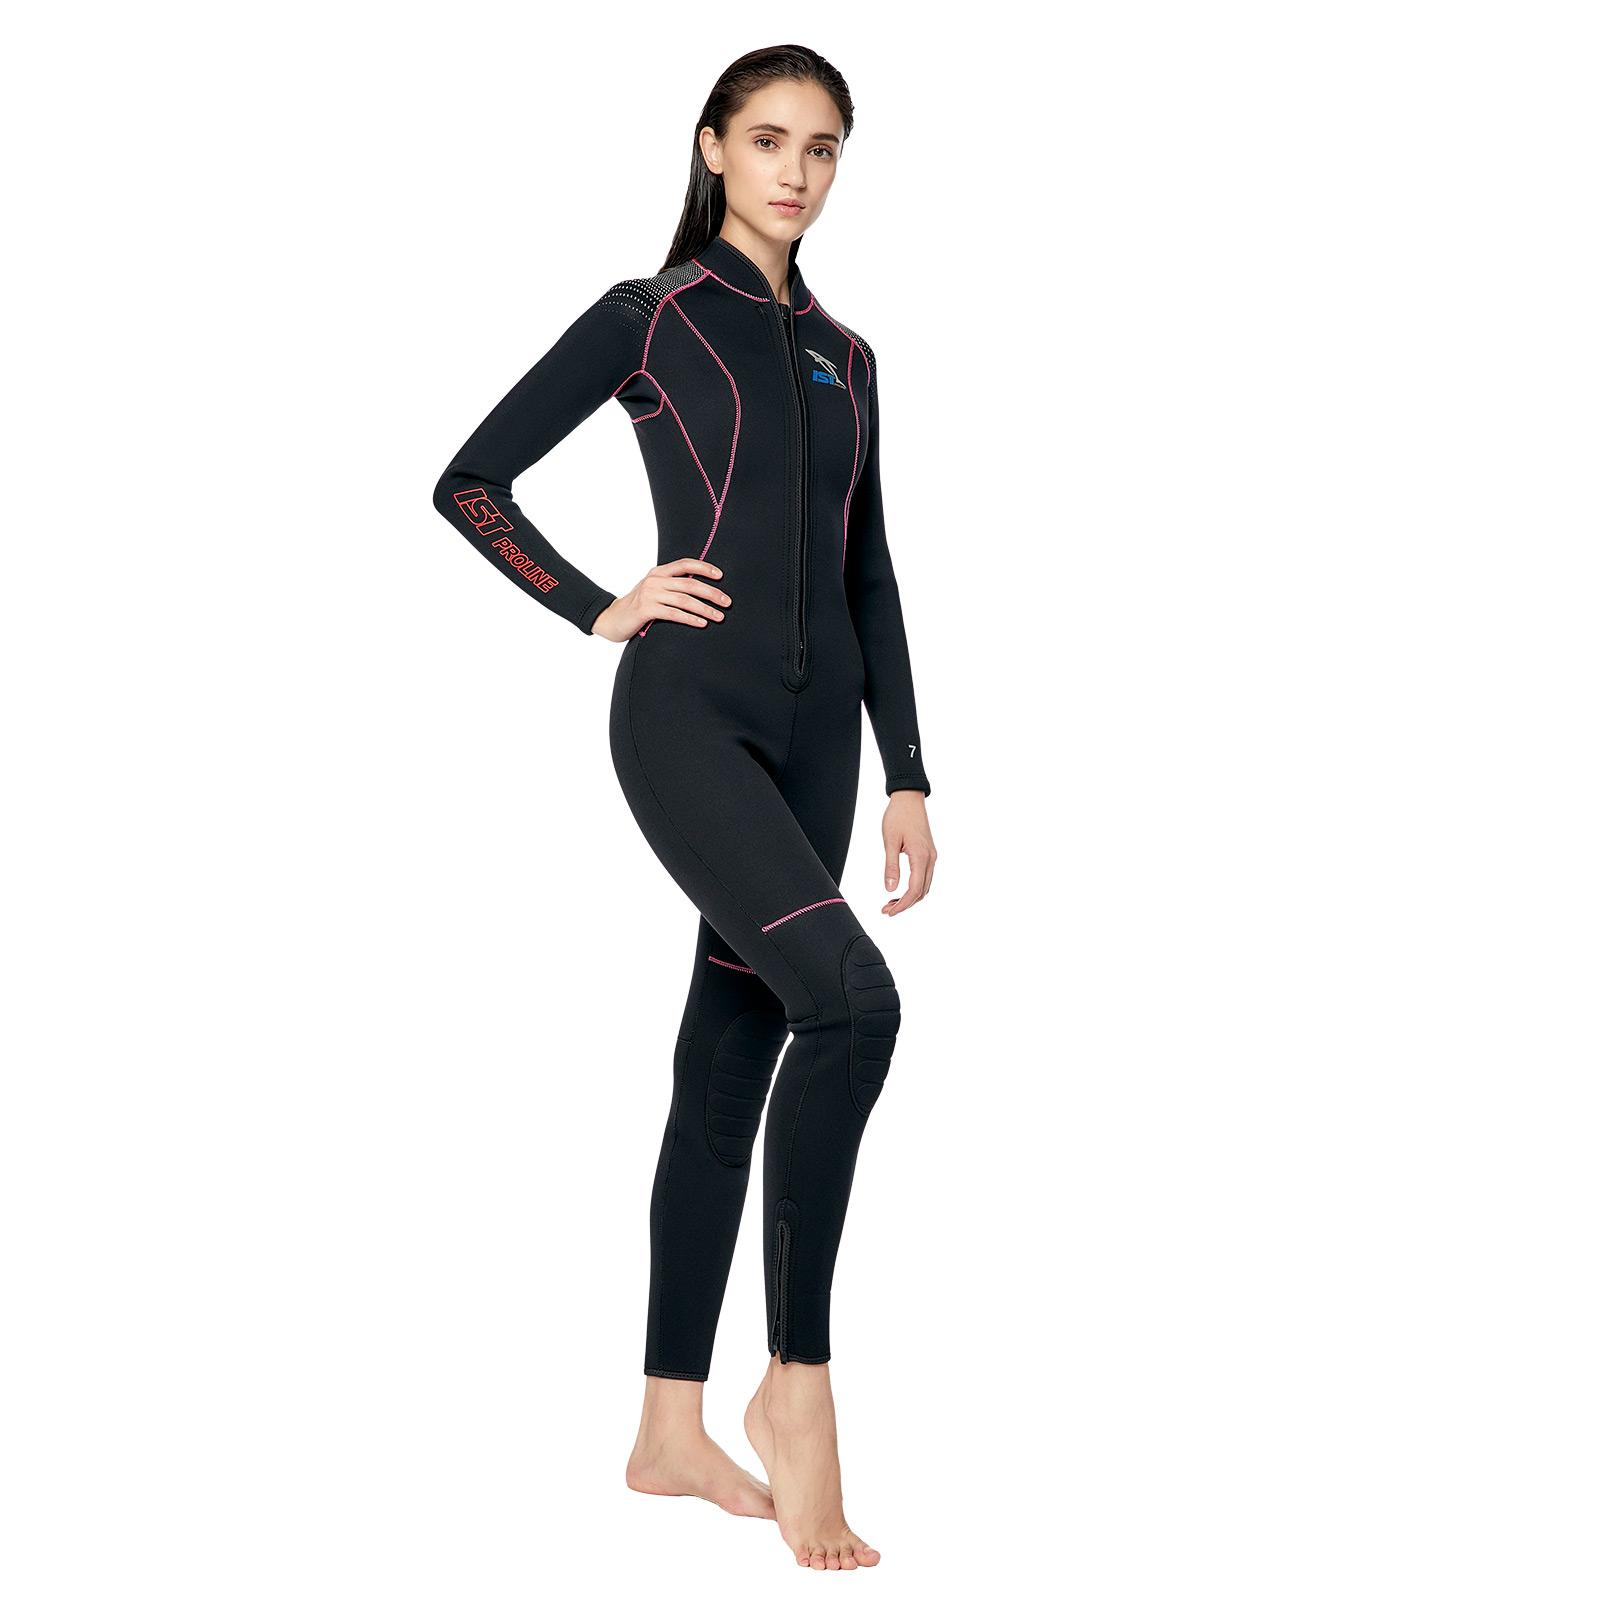 3MM Women's Reversible Jumpsuits